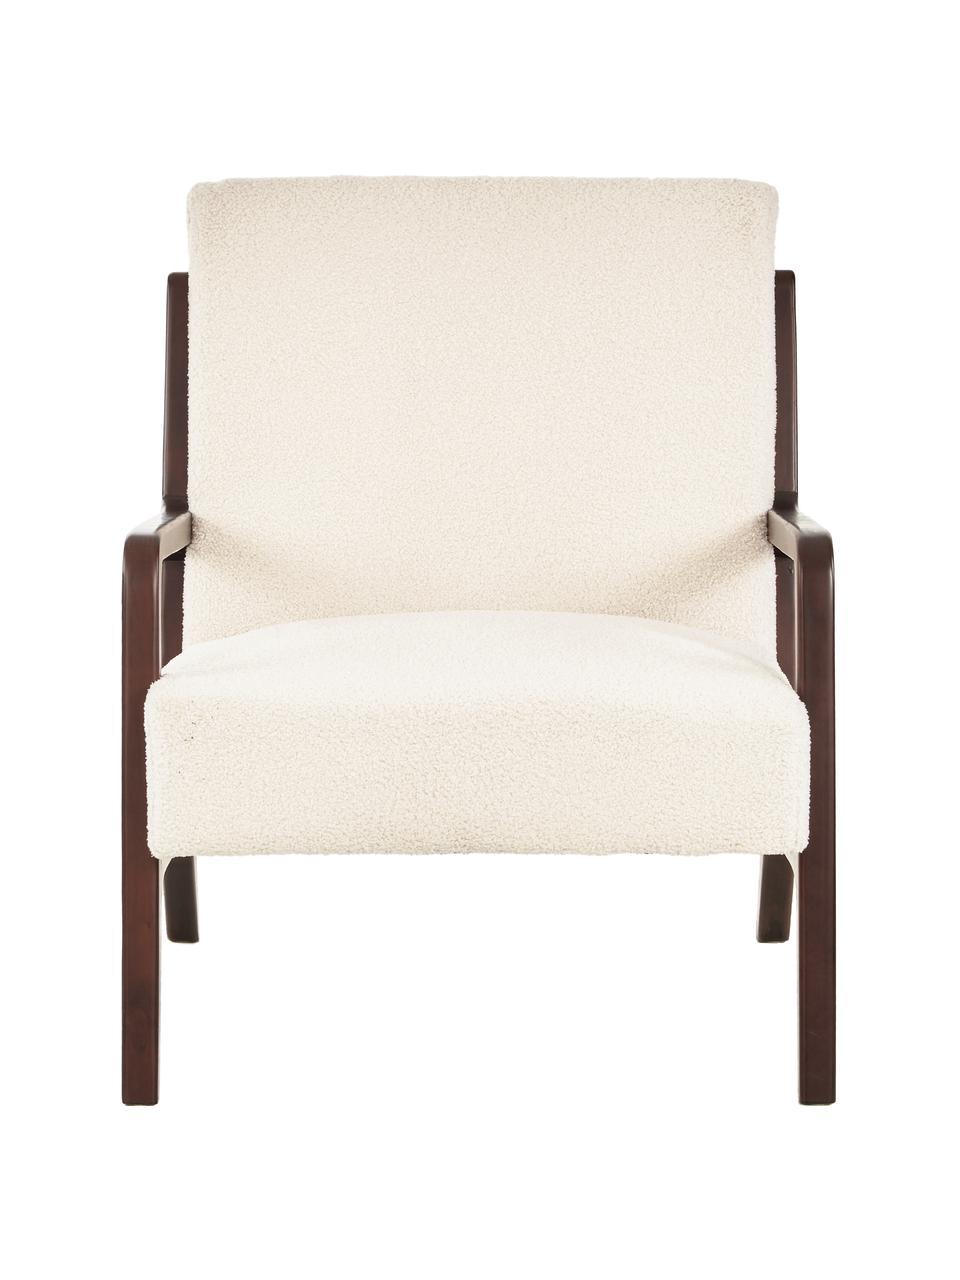 Teddy-Sessel Naja mit Armlehnen aus Eichenholz, Bezug: Polyester (Kunstfell, Ted, Gestell: Eichenholz, massiv und ge, Teddy Cremeweiß, B 76 x T 67 cm